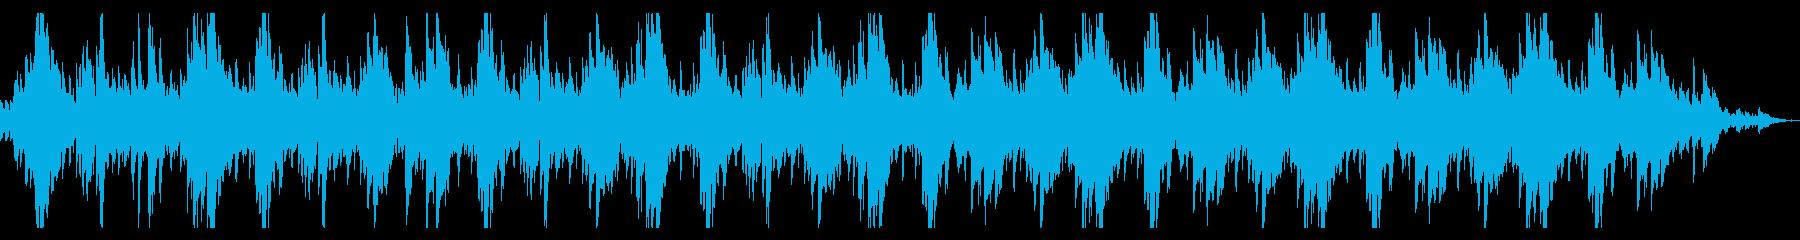 温かみのあるシネマティックなピアノの再生済みの波形